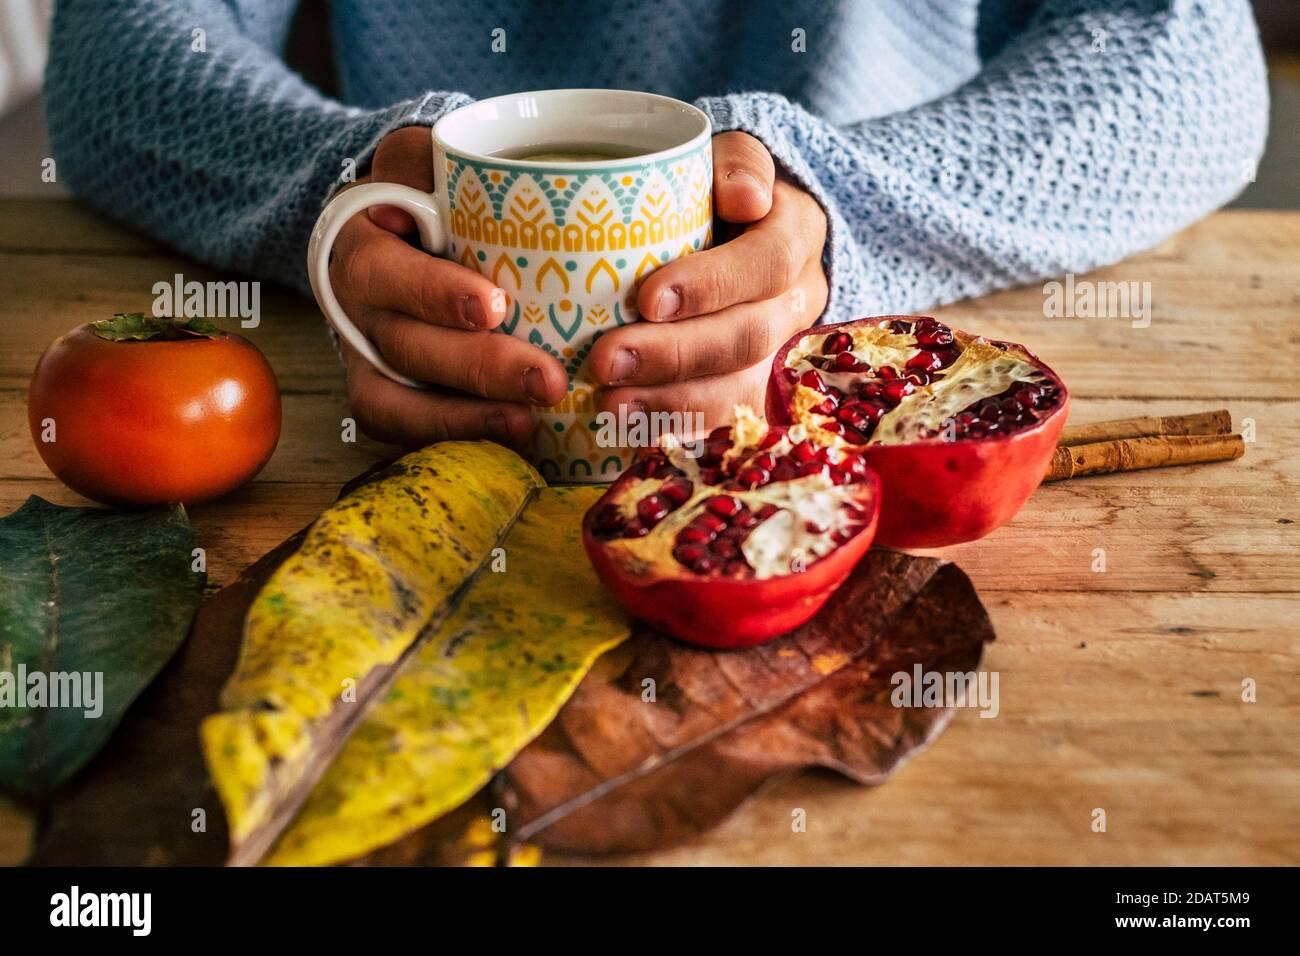 Gros plan de la scène automnale en intérieur avec paire de les mains tiennent une tasse de thé sur un jaune de bois et table orange avec pamplemousse et feuille Banque D'Images